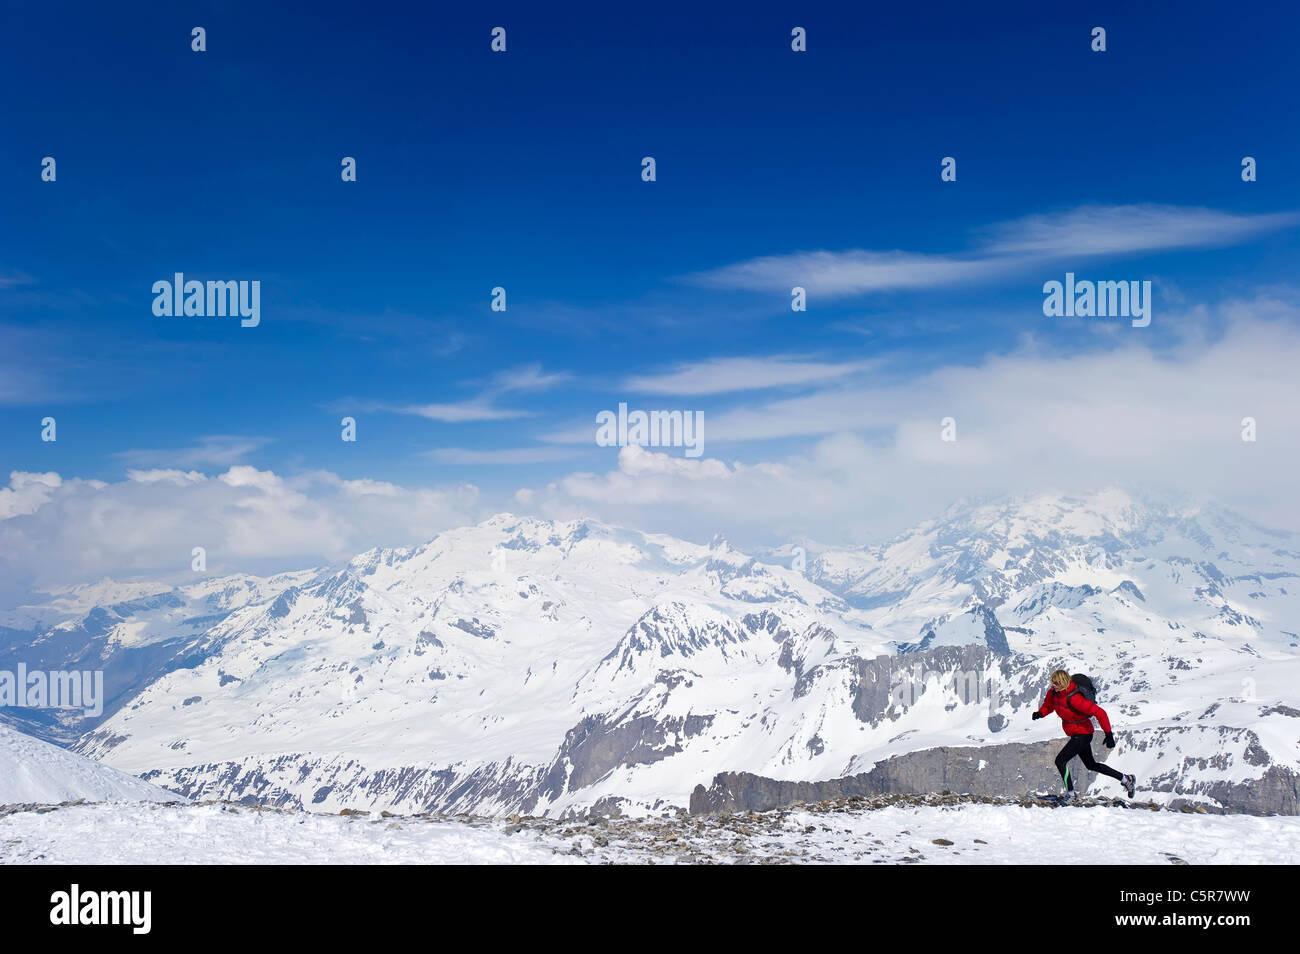 Eine Frau, die auf hohen schneebedeckten Berggipfeln. Stockbild